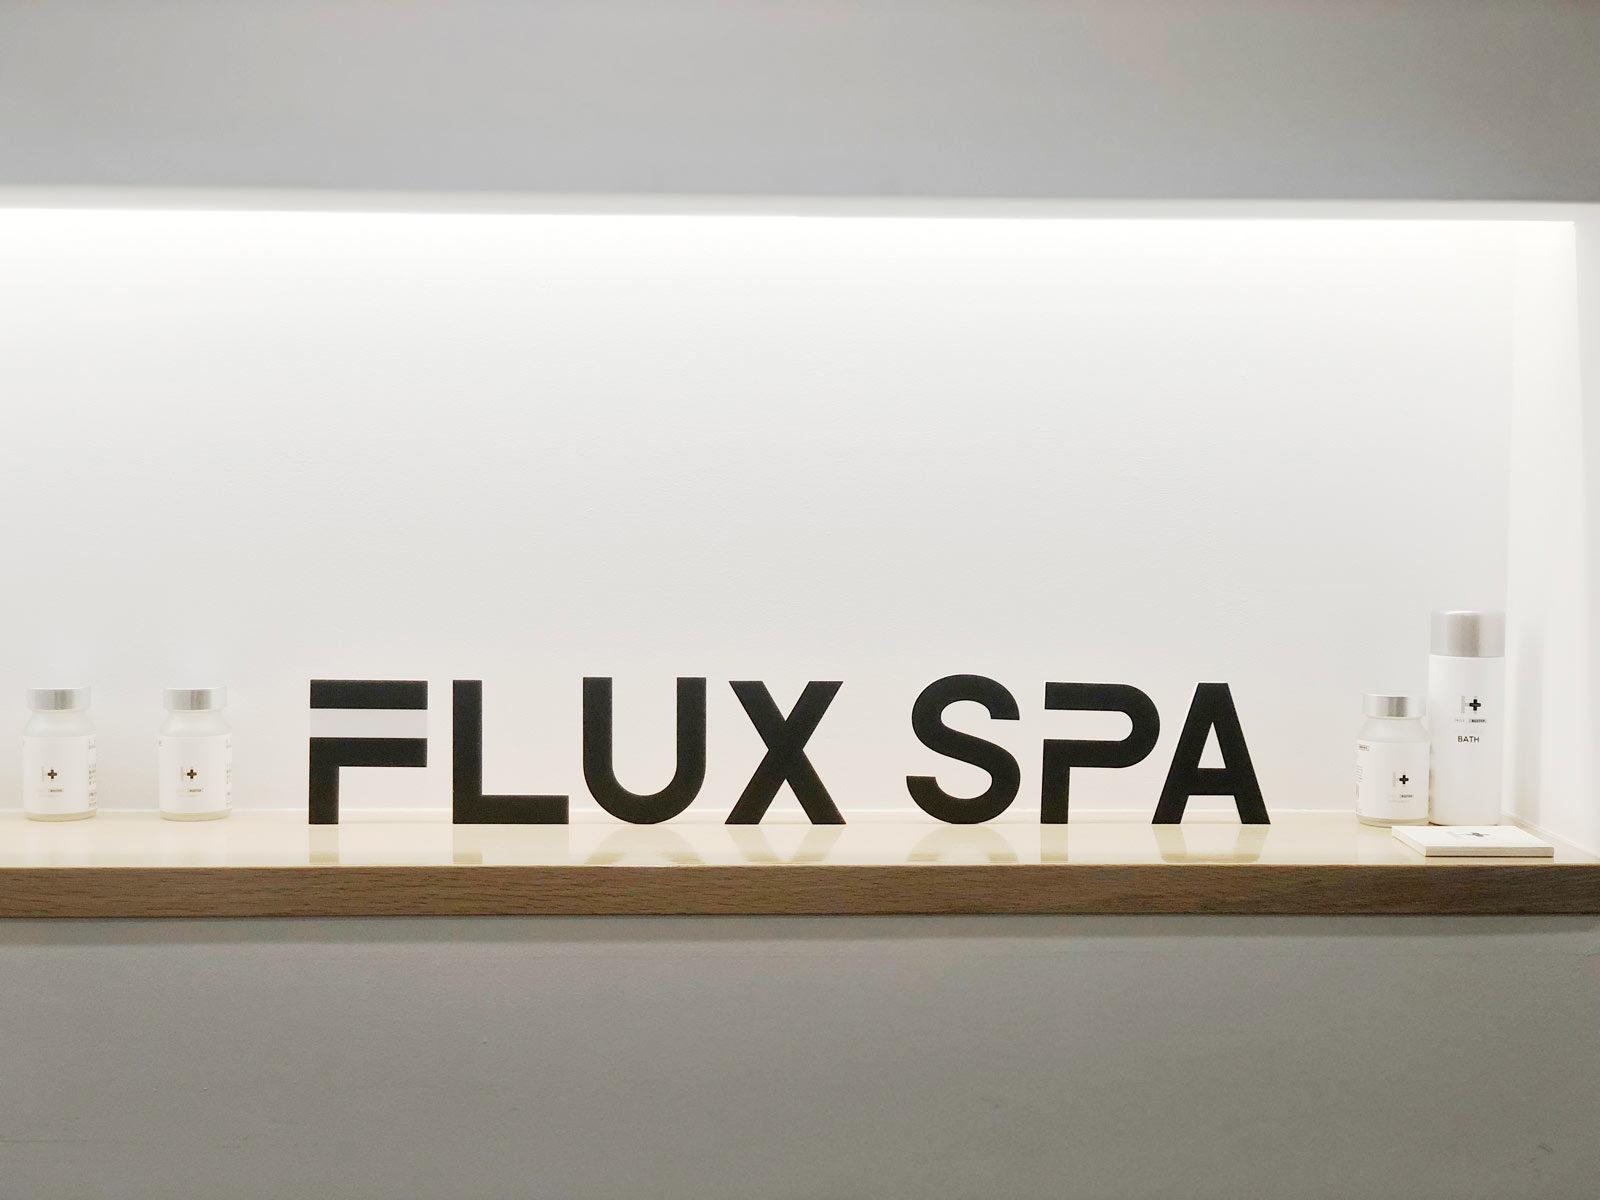 FLUX SPA(フラックススパ)